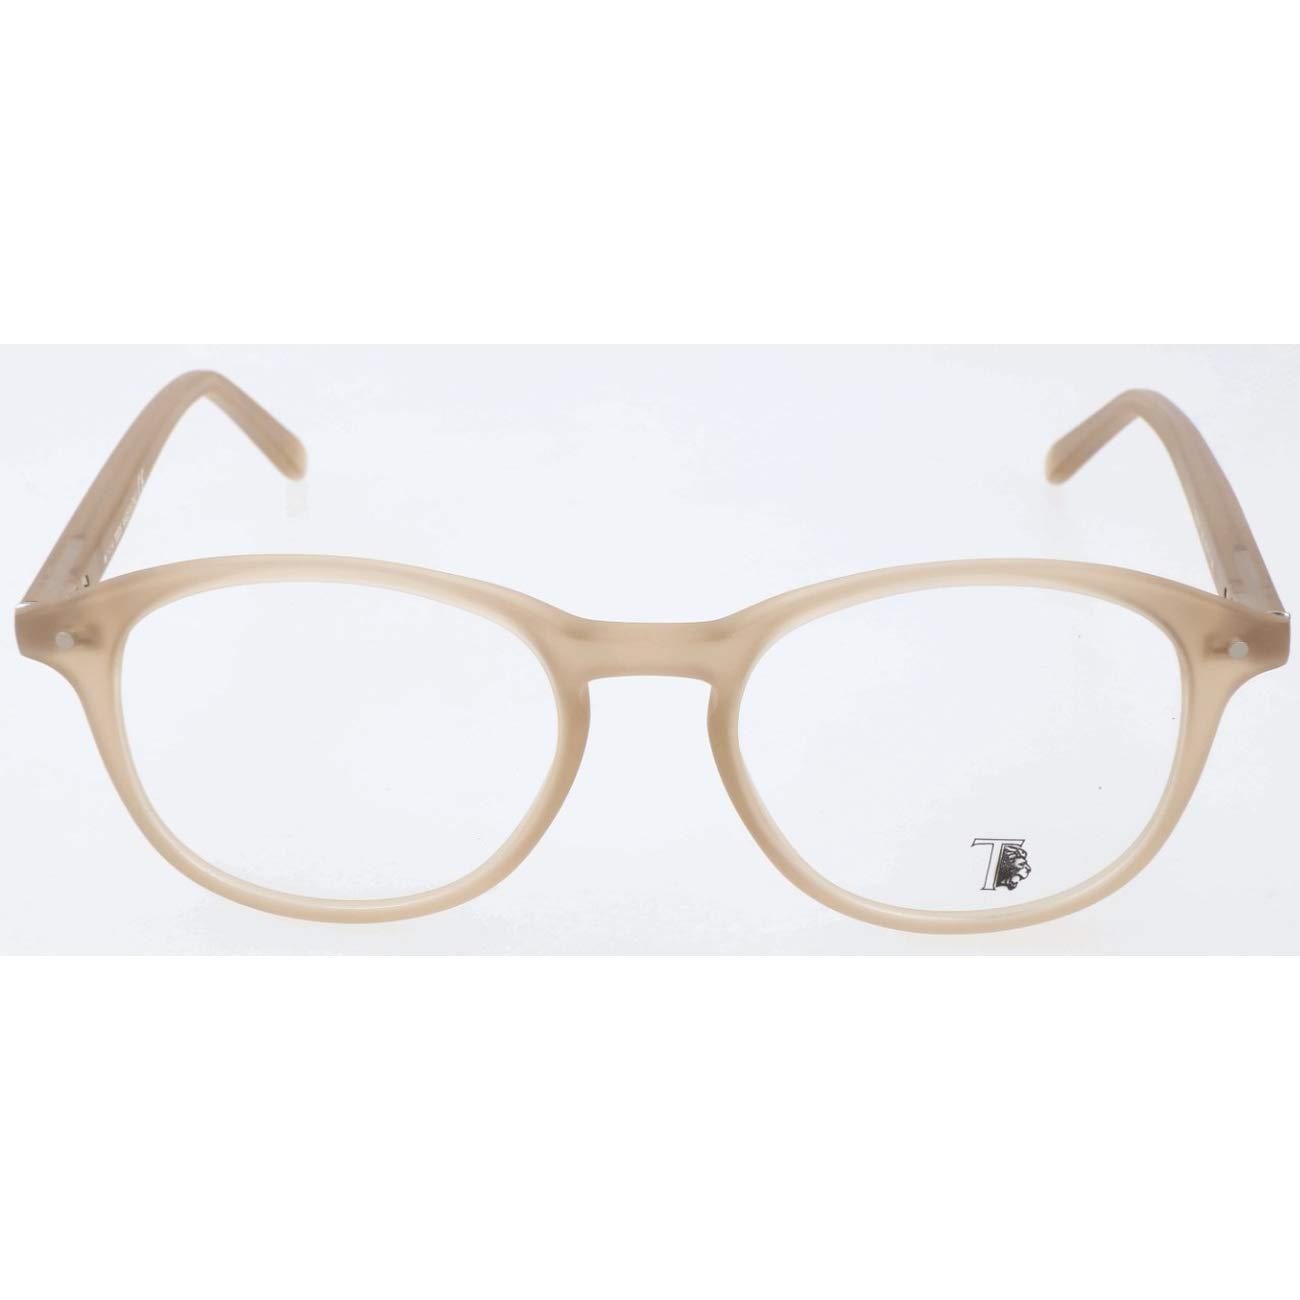 SoleilÉcruelfenbein48 0 Tod's Brillengestelle Lunettes Homme De To5067 N8vy0Owmn